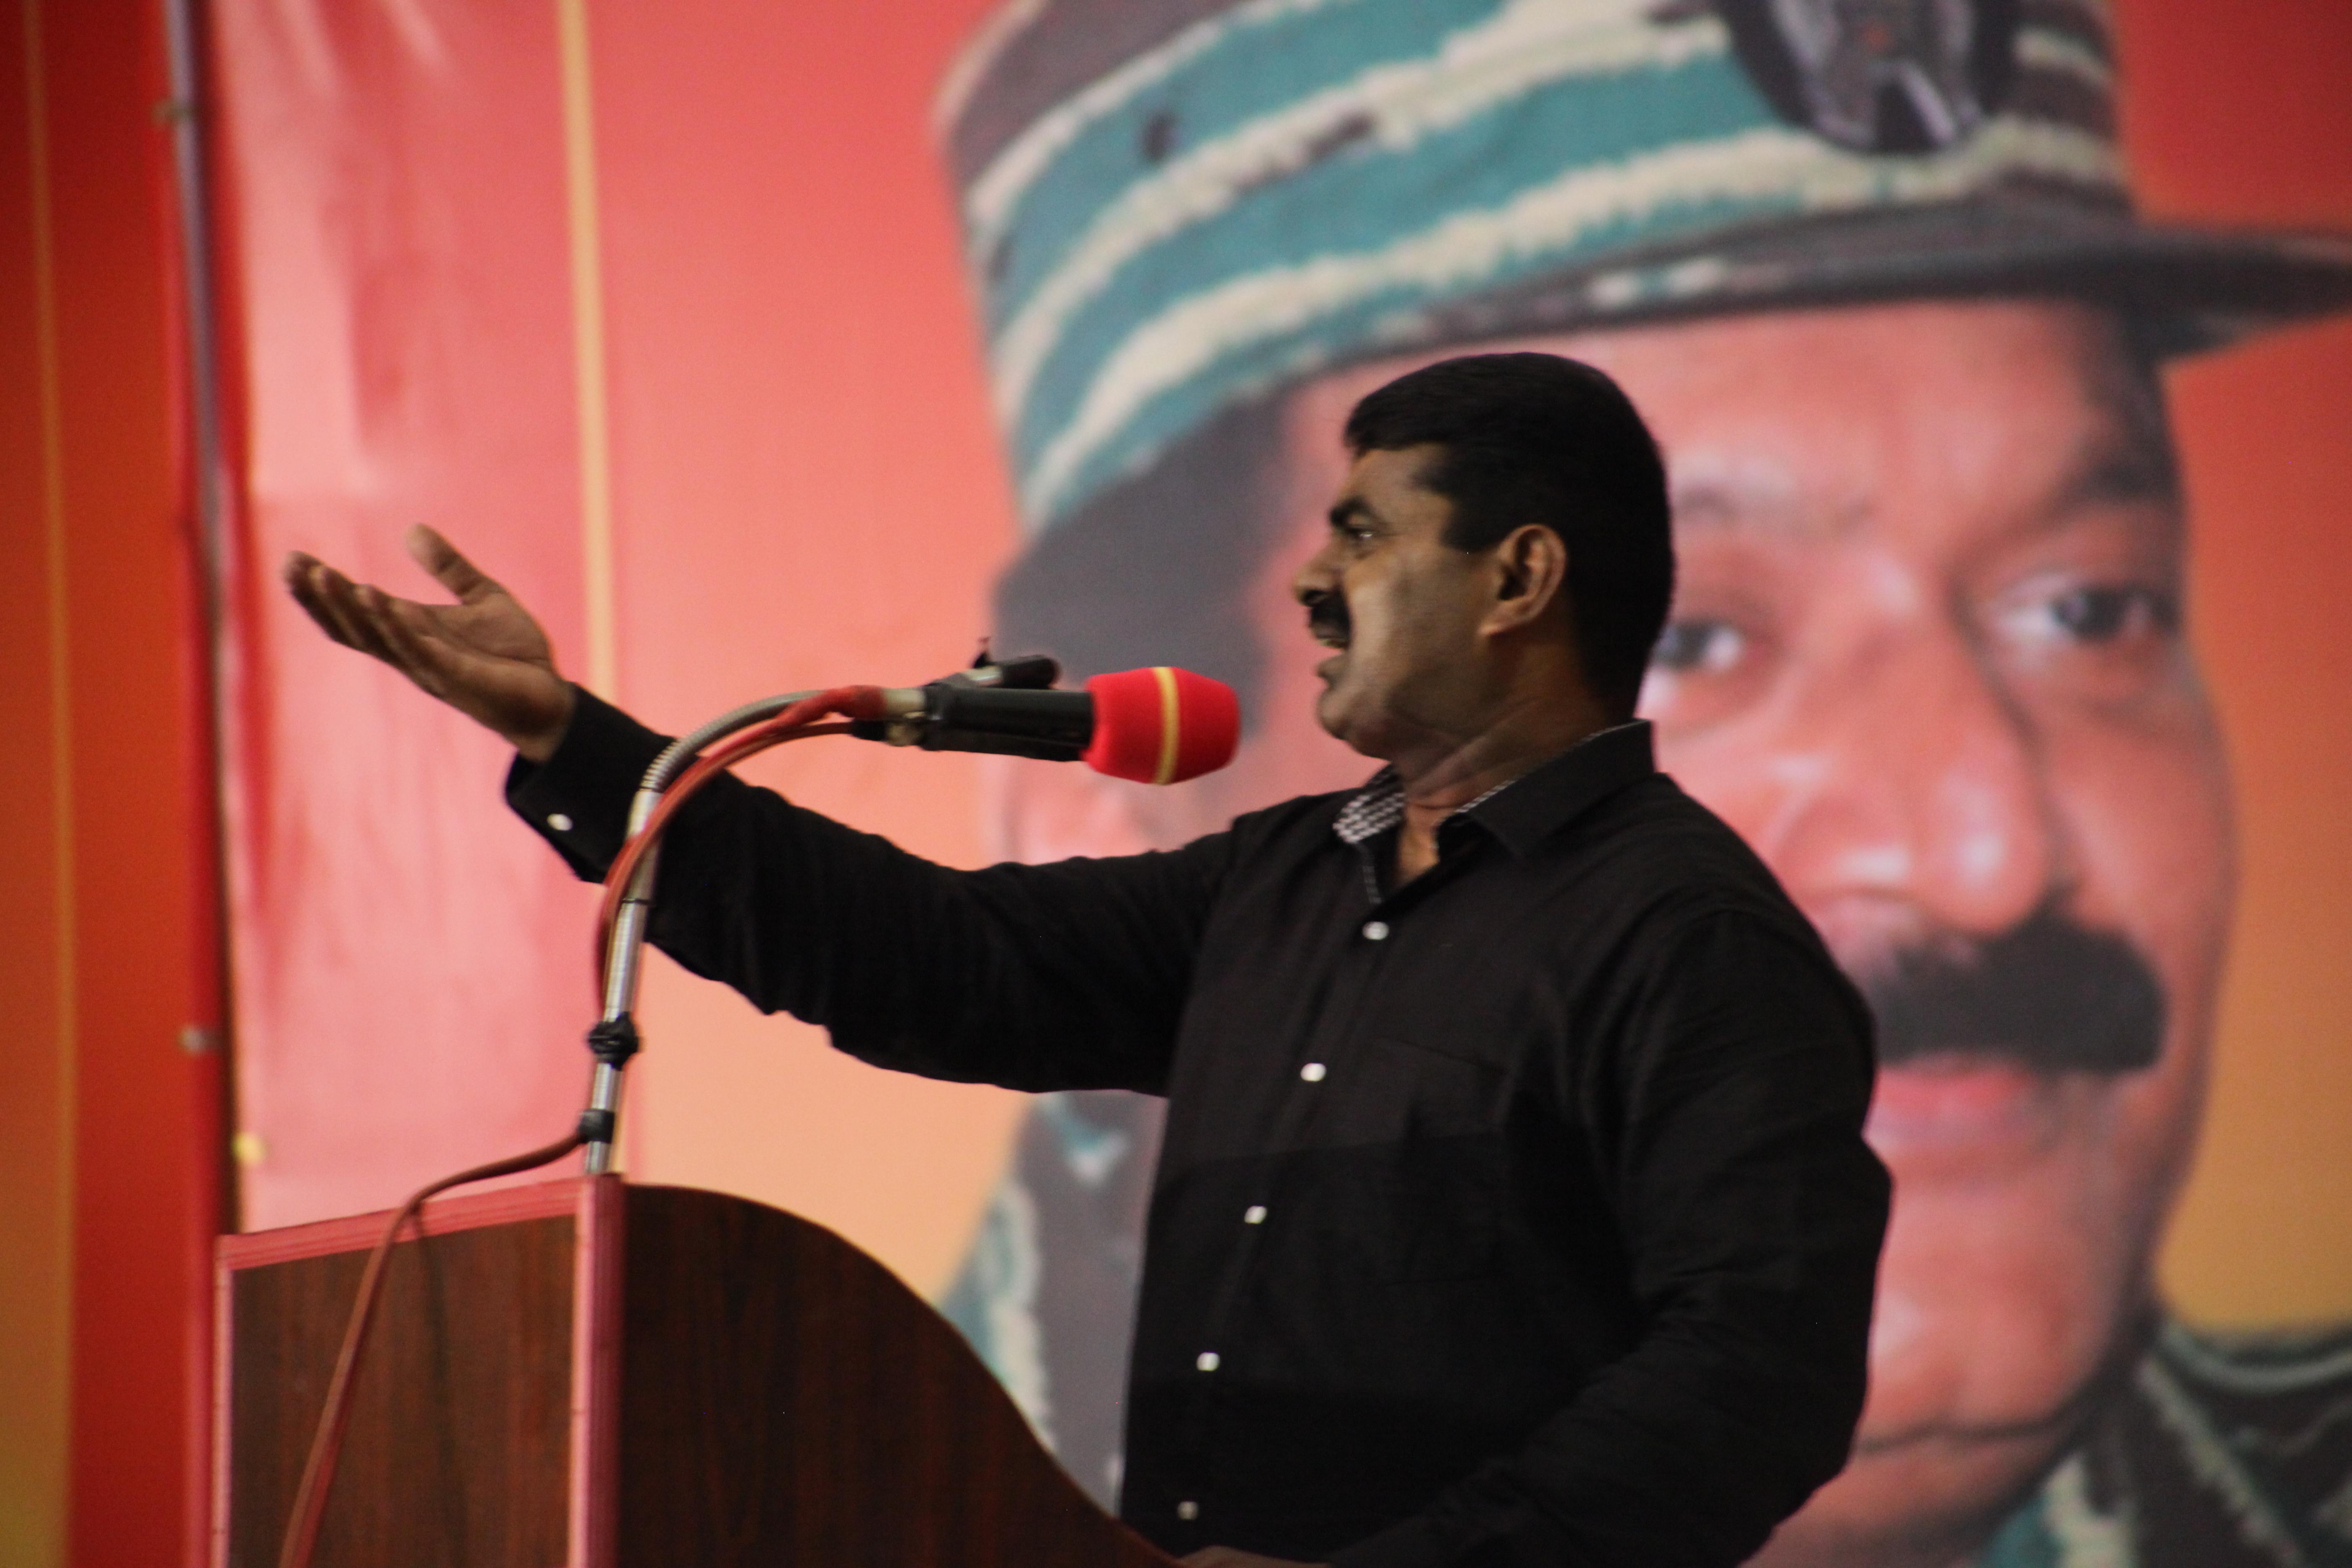 திருப்பூர் வெள்ளகொவிளில் நடைபெற்ற தேர்தல் பரப்புரை 5-4-2011